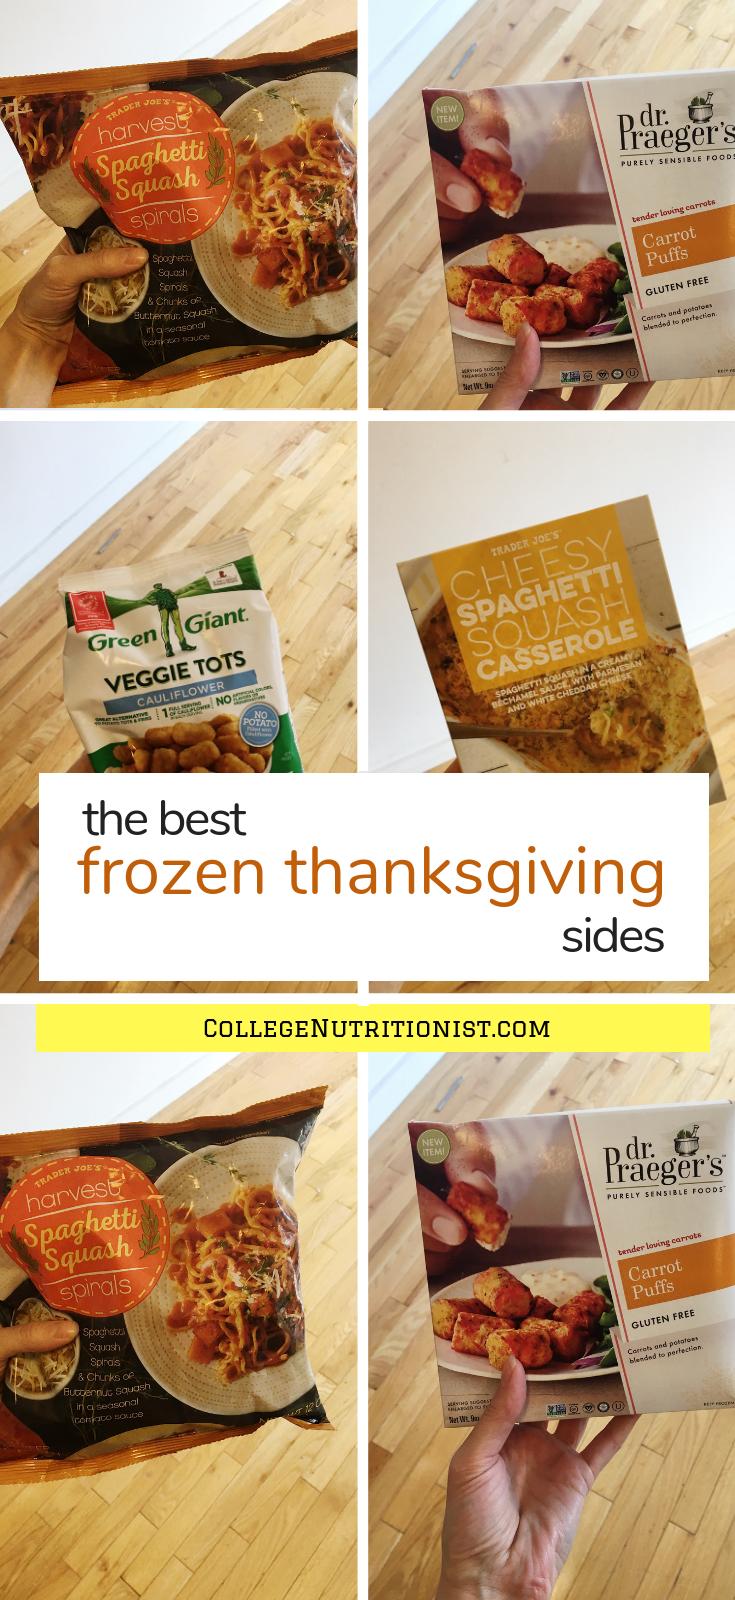 best frozen thanksgiving sides